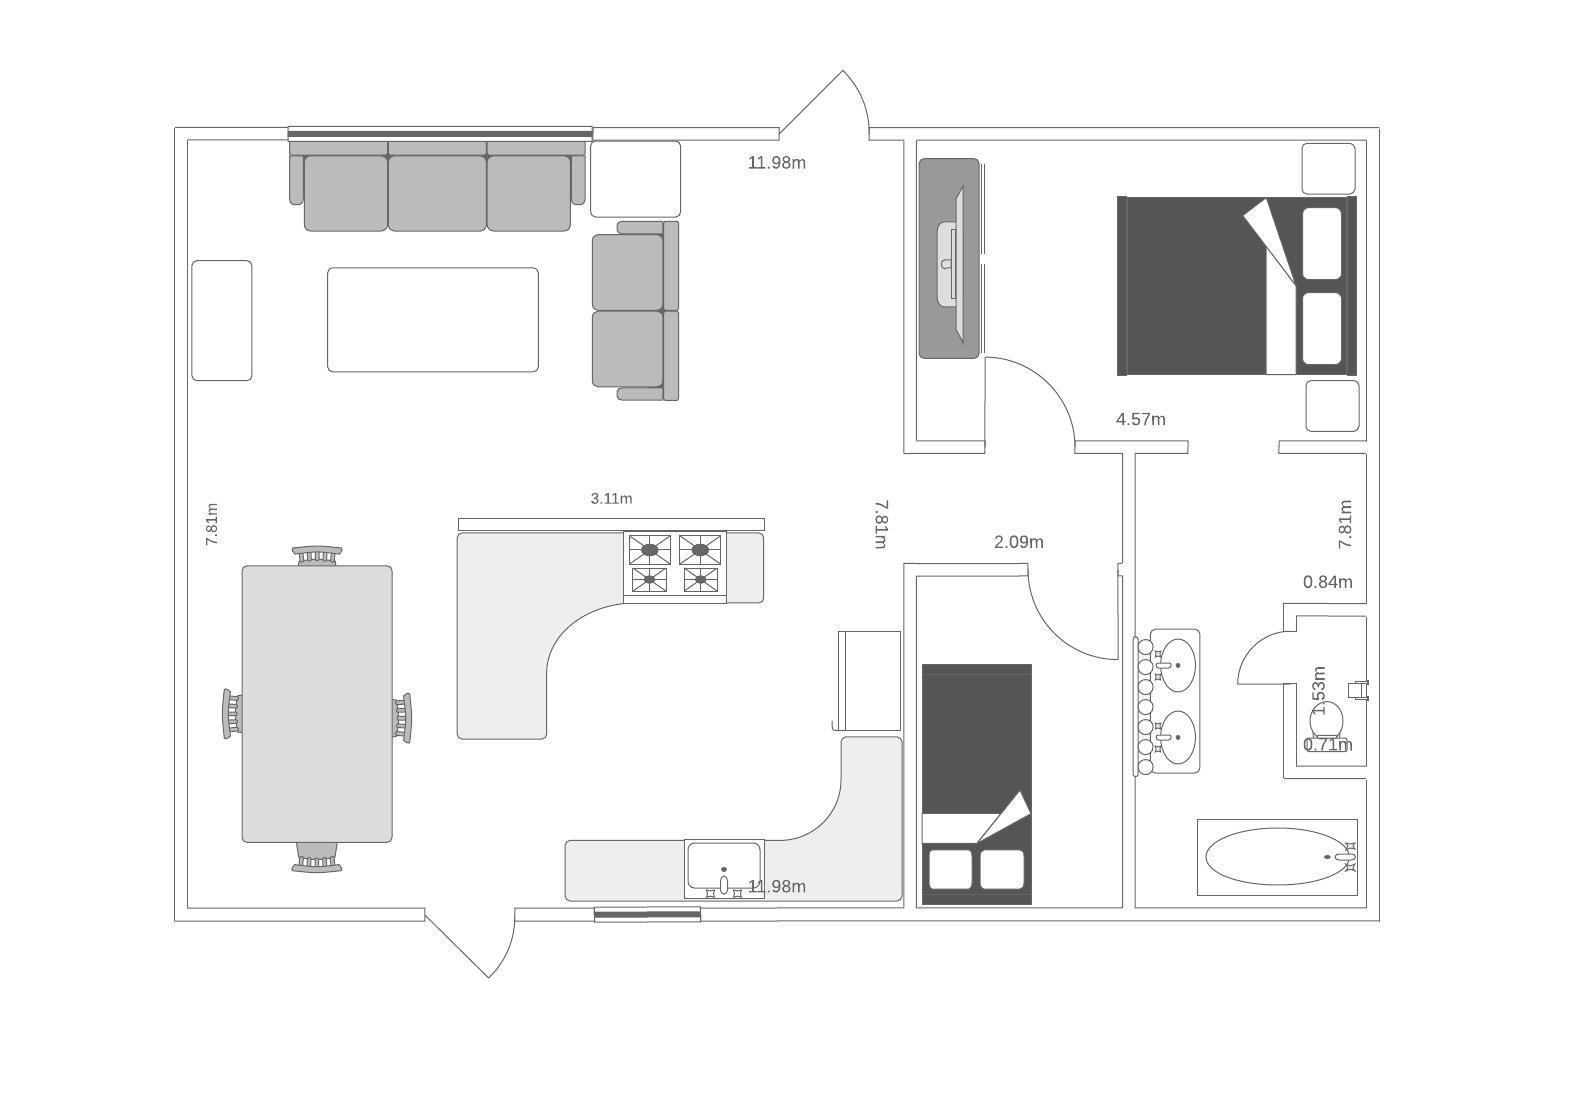 Haus/Wohnung-Grundriss